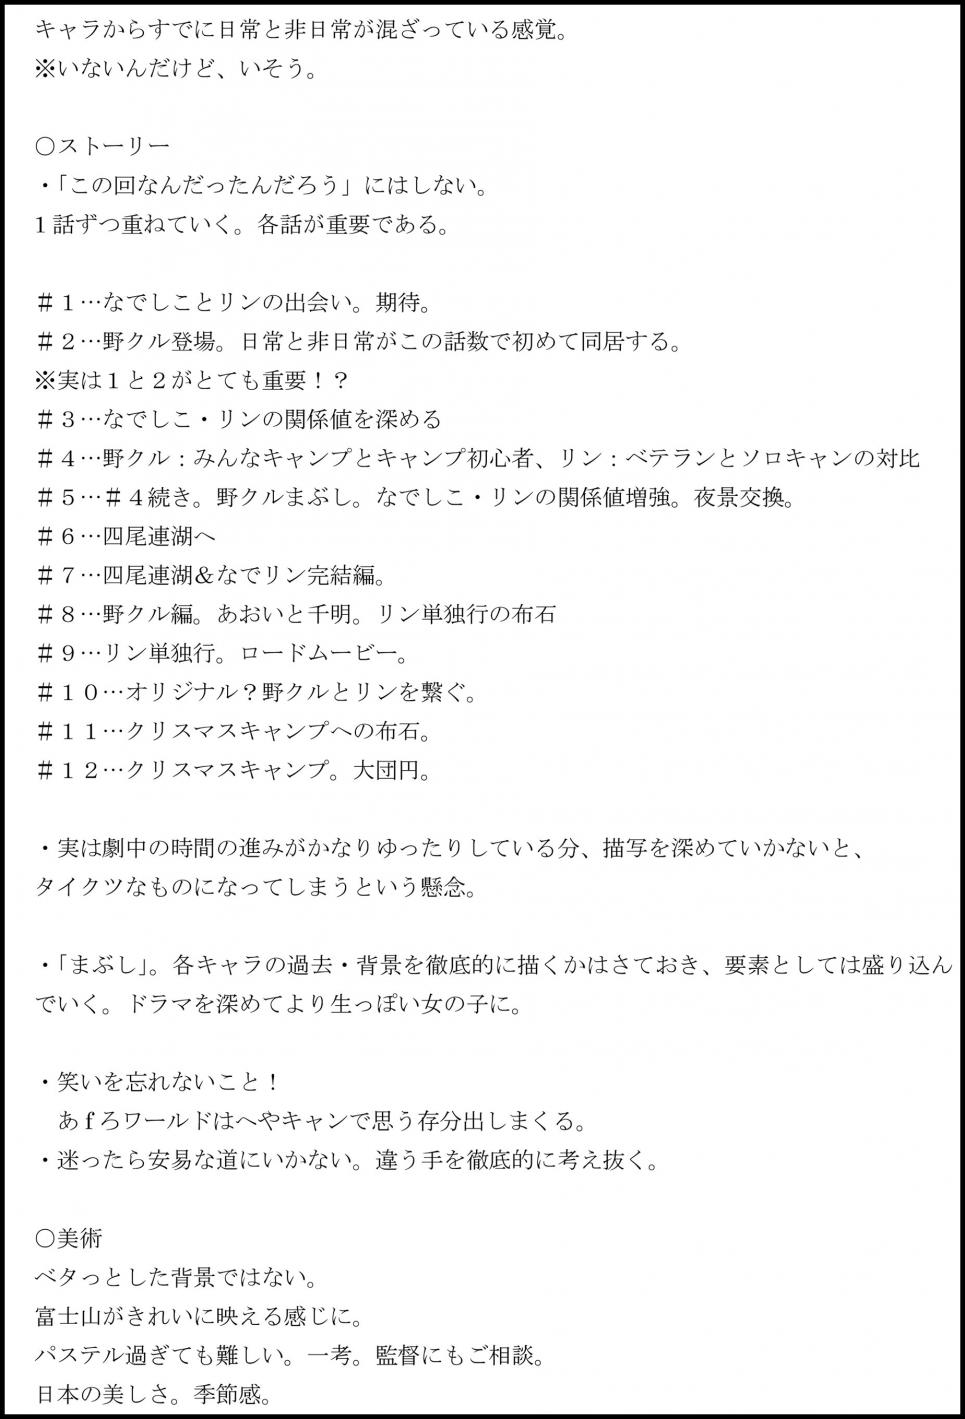 『ゆるキャン△』プロジェクトの始まり・プロデュースメモを初公開! めも2